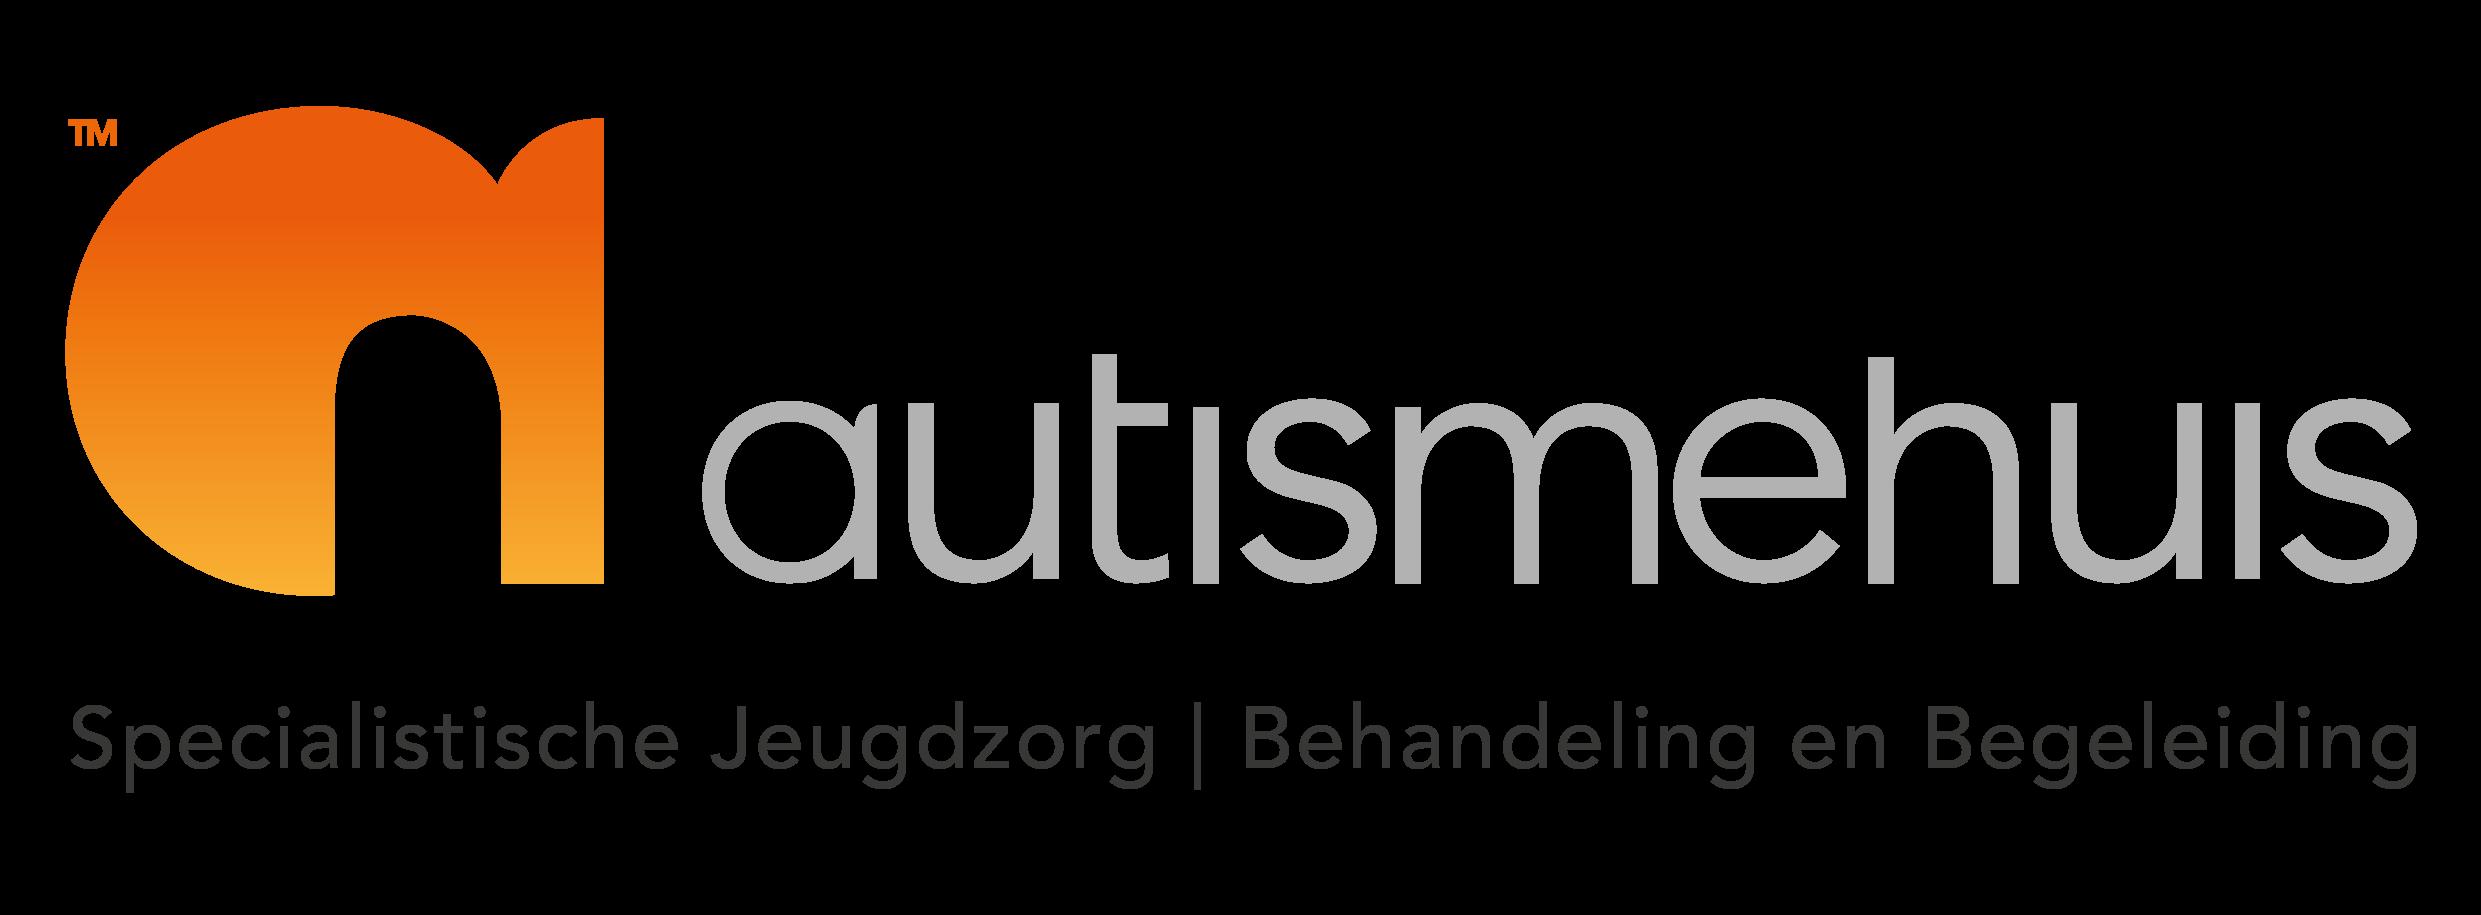 Autismehuis - Informatie, buitenschoolse, weekend en vakantieopvang.